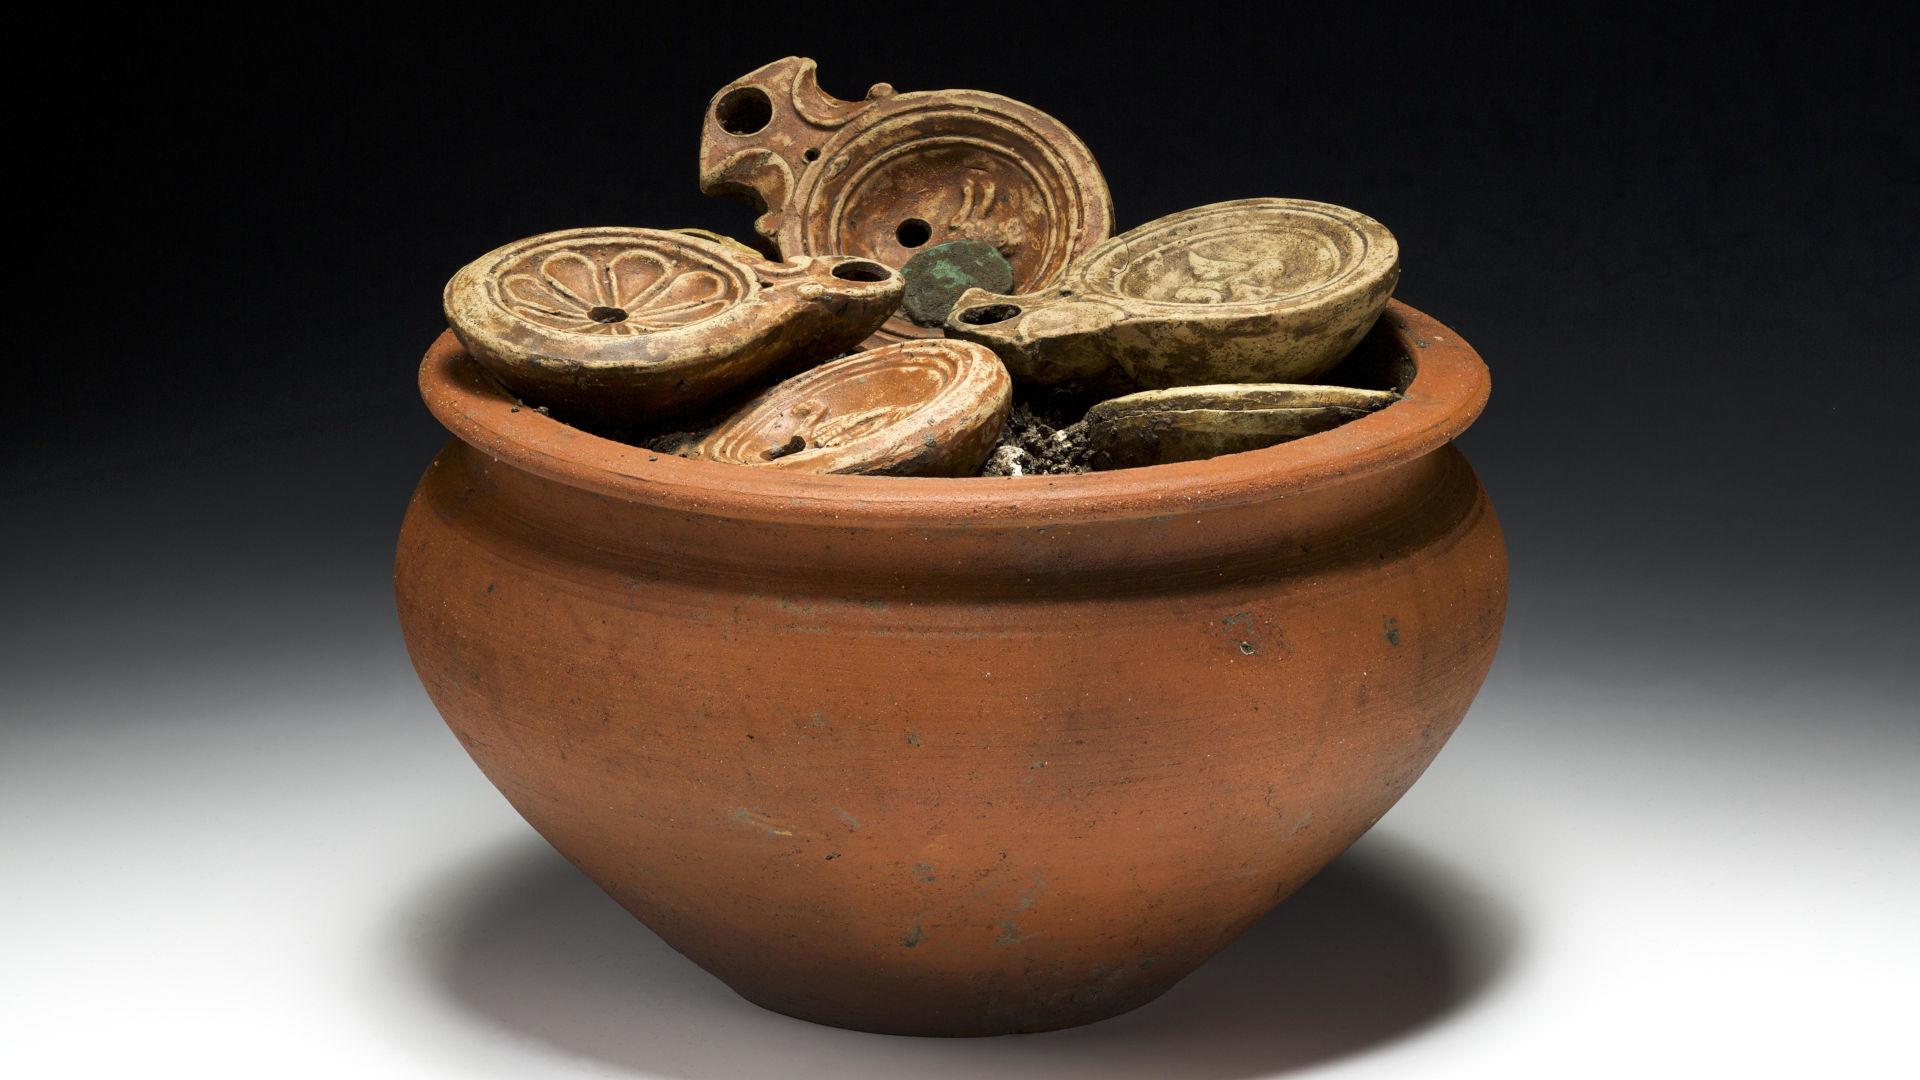 Ein römischer Kochtopf randvoll gefüllt mit Lampen und Münzen. Photo credits: © 2016 Kantonsarchäologie Aargau (Foto: Bela Polyvas).